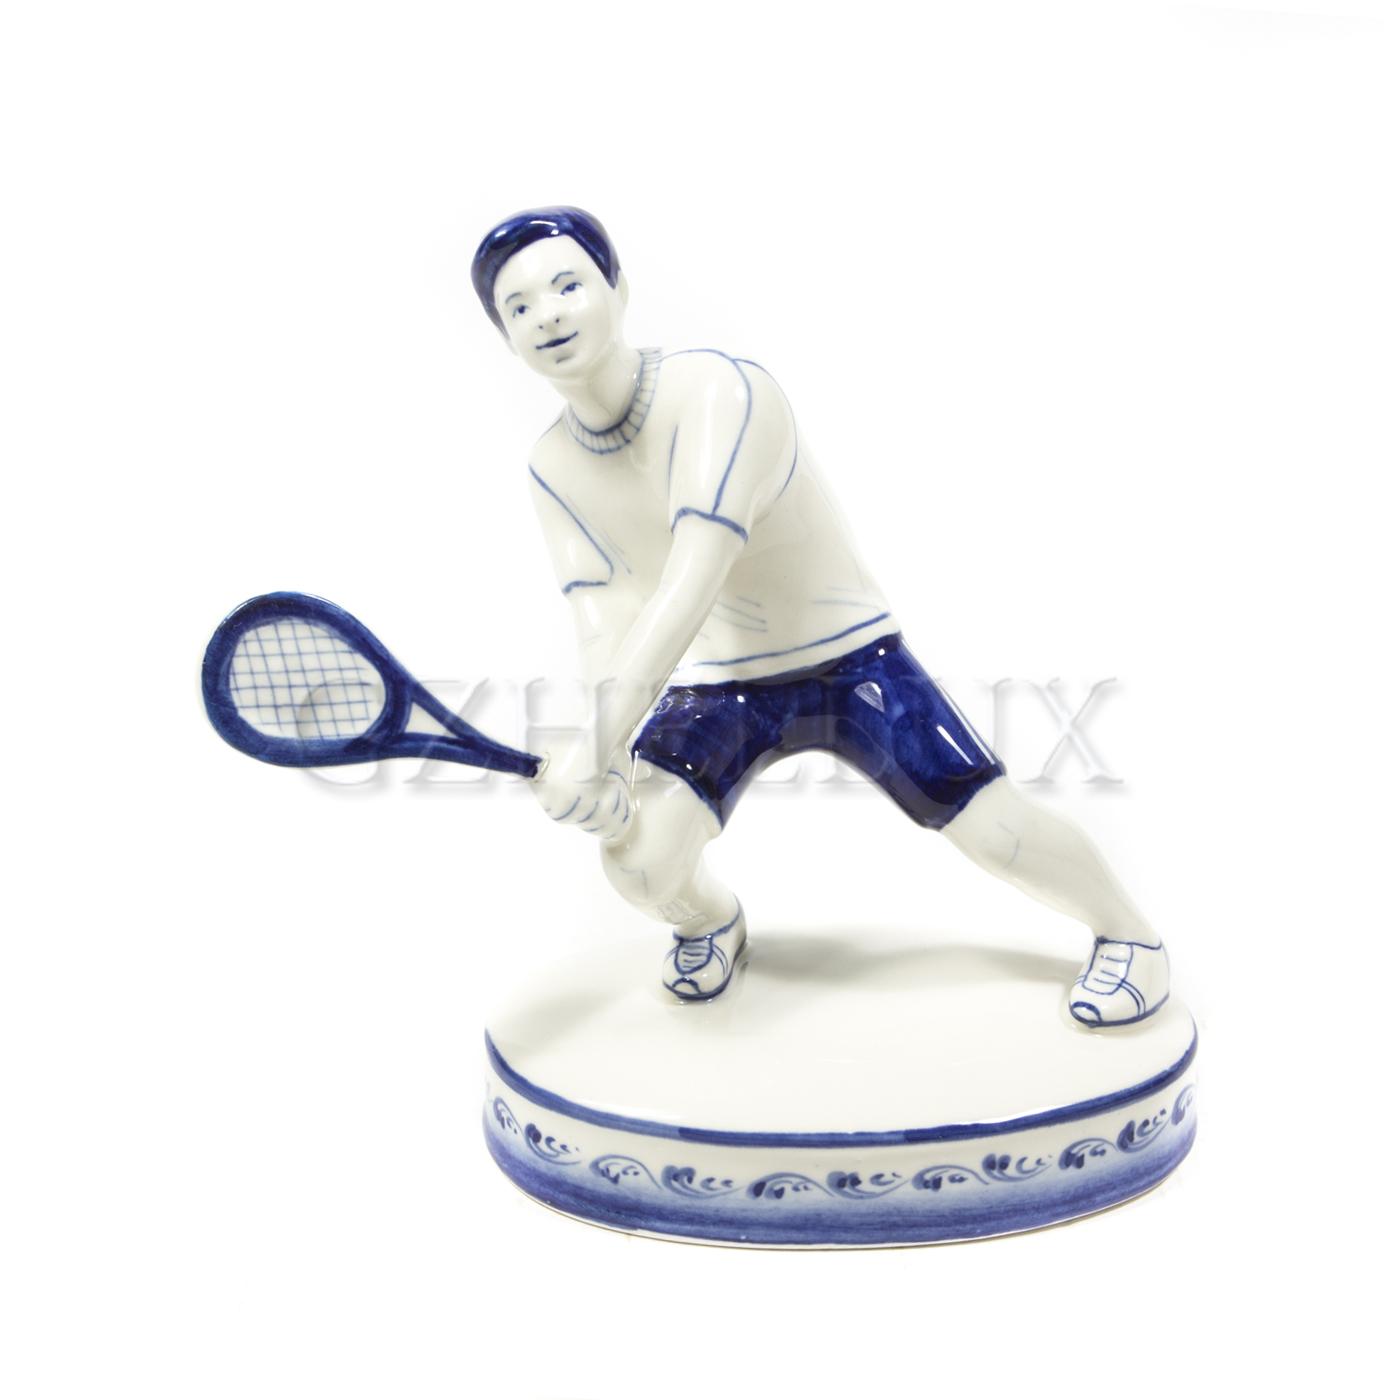 Скульптура «Теннисист»